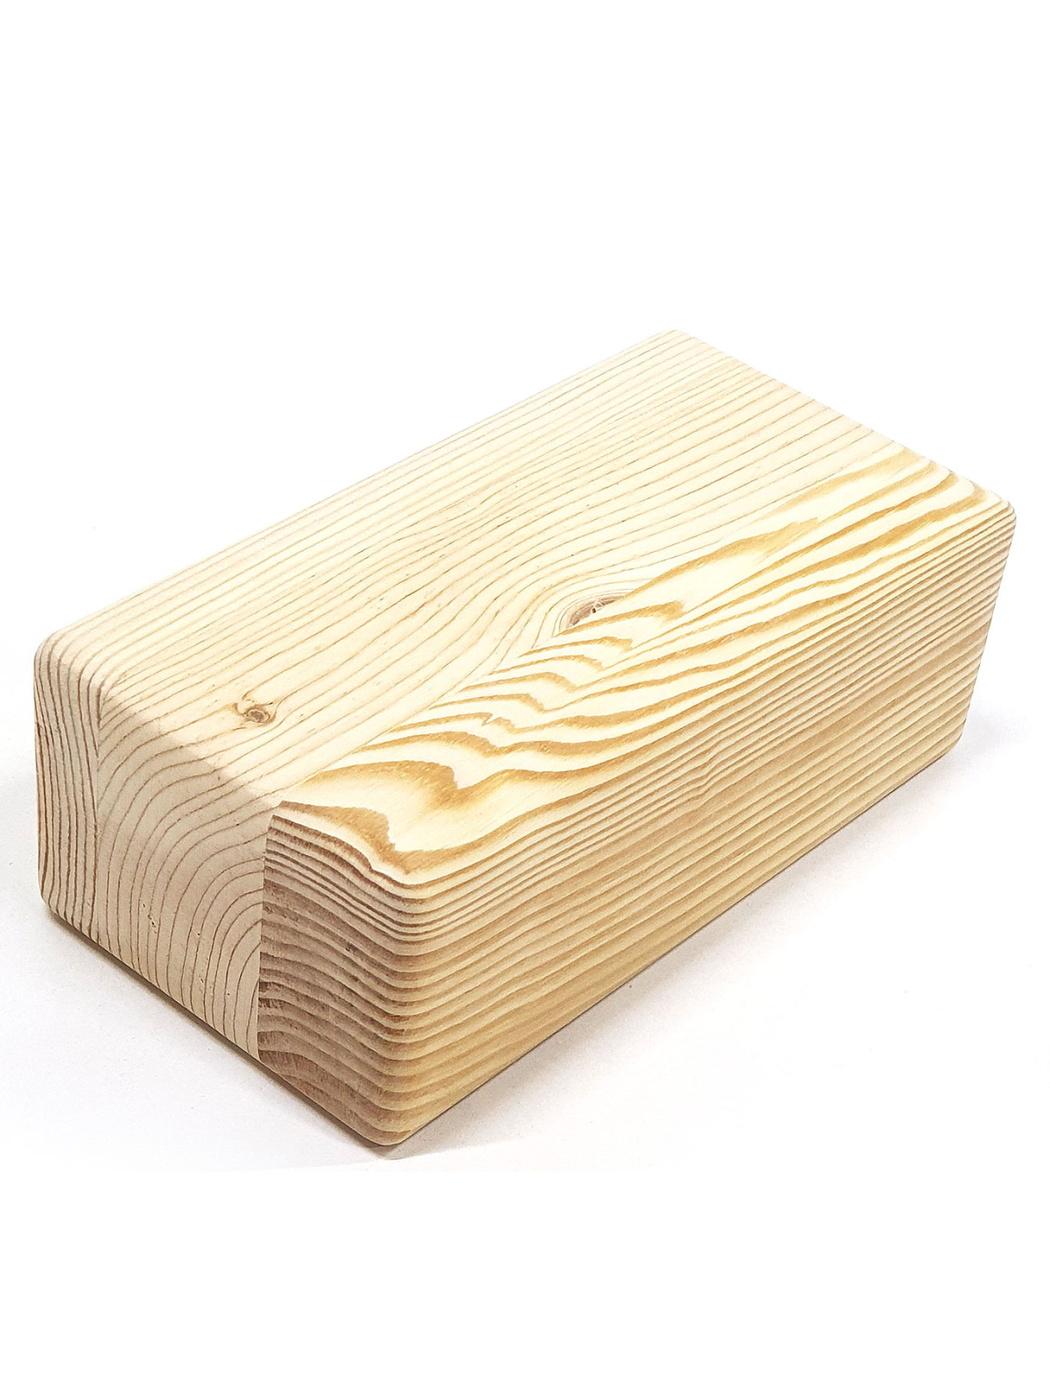 Блок для йоги Cheber из натурального дерева шлифованный